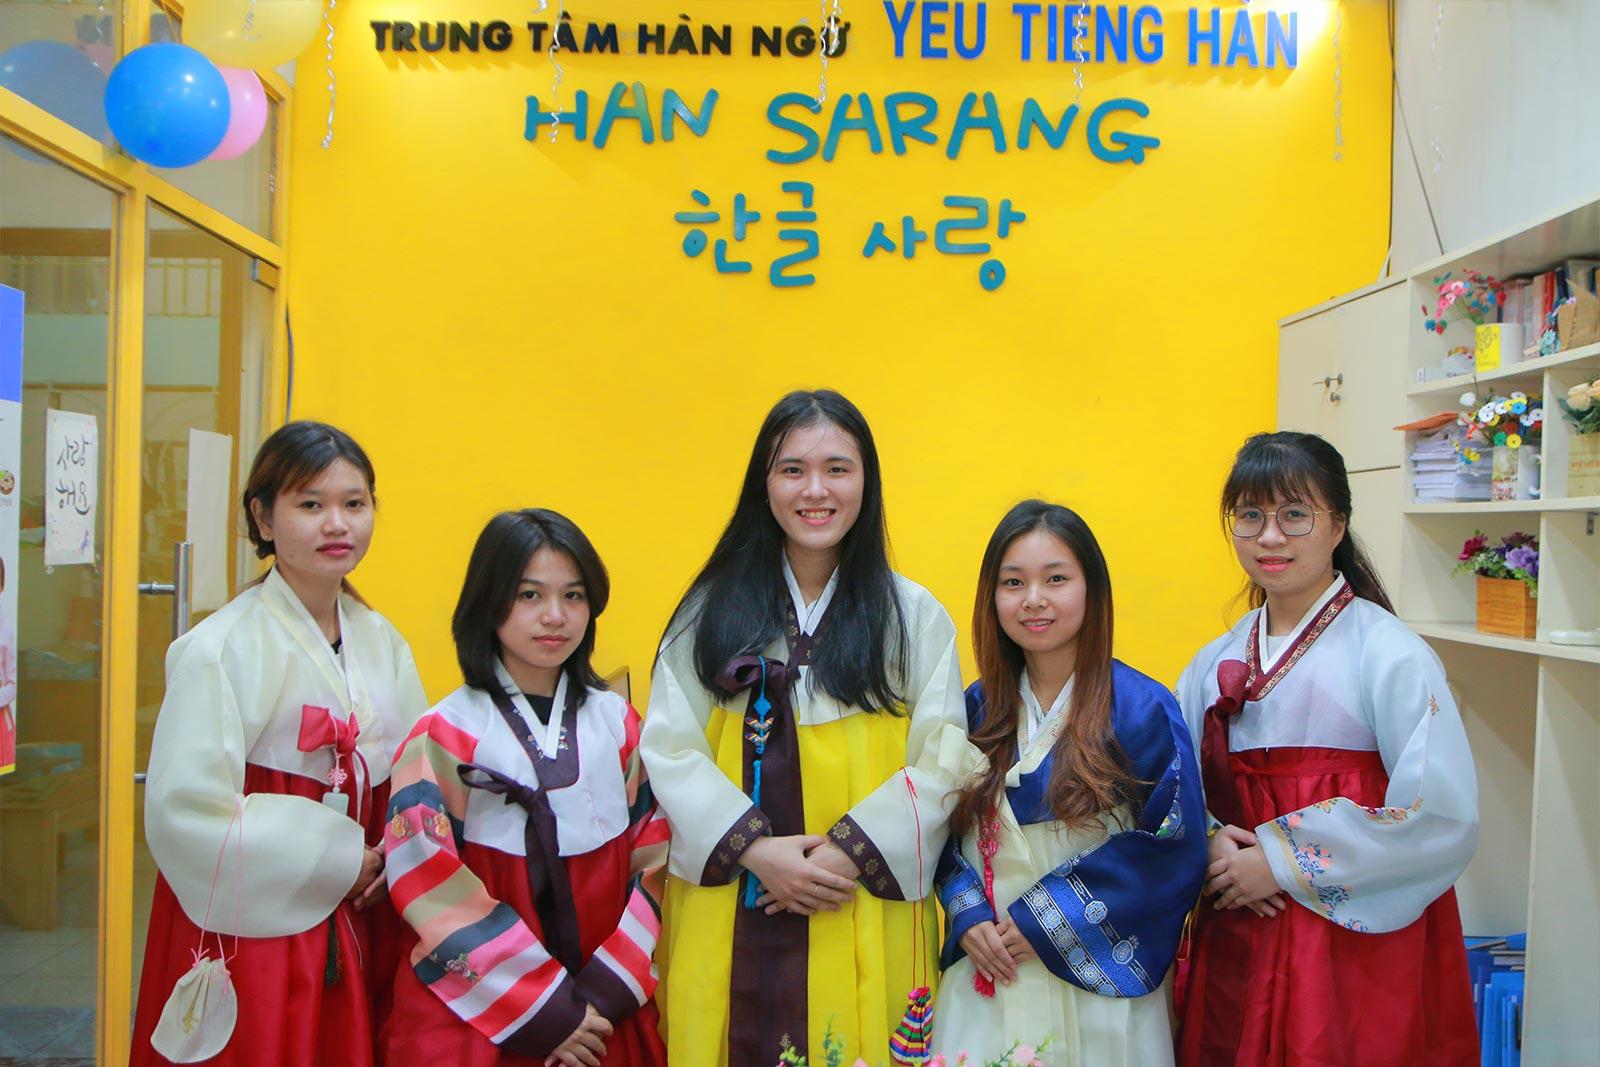 Trung tâm dạy tiếng hàn tại TPHCM Han Sarang